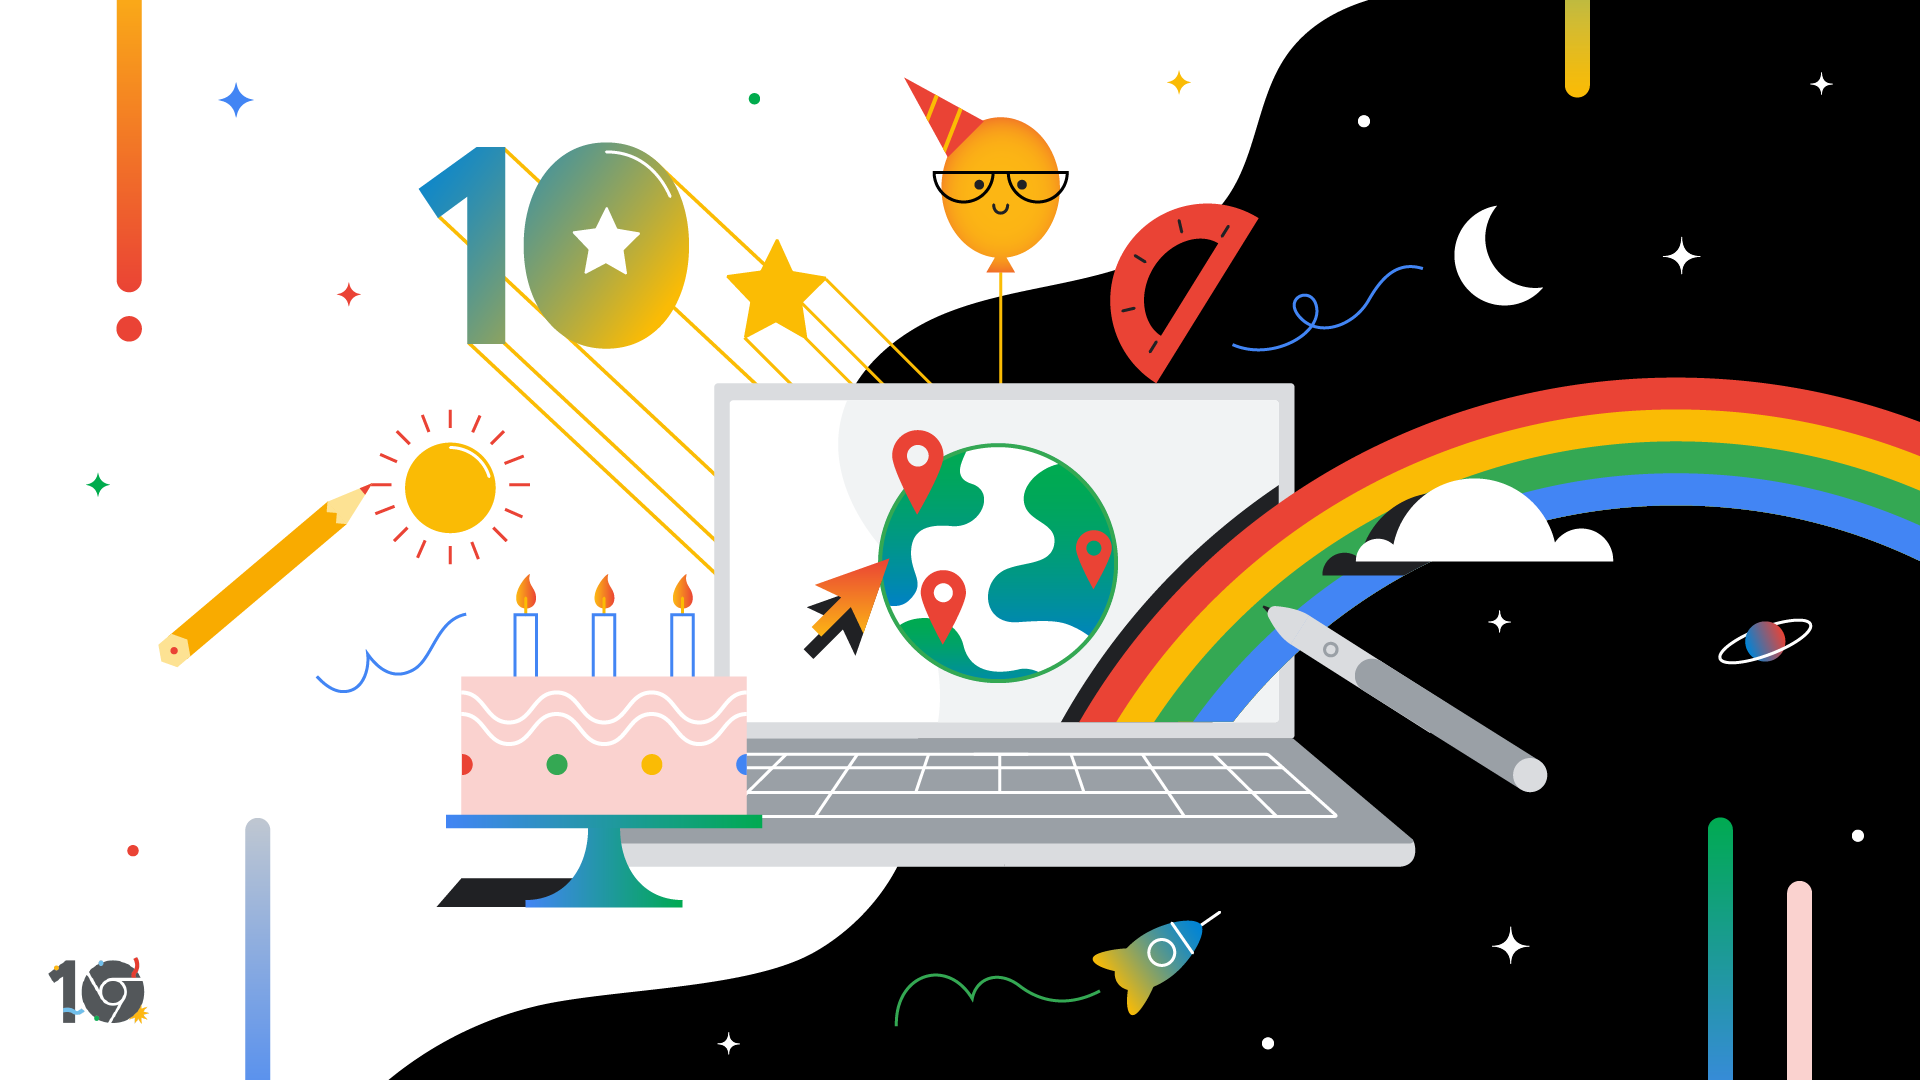 Il Chromebook festeggia 10 anni